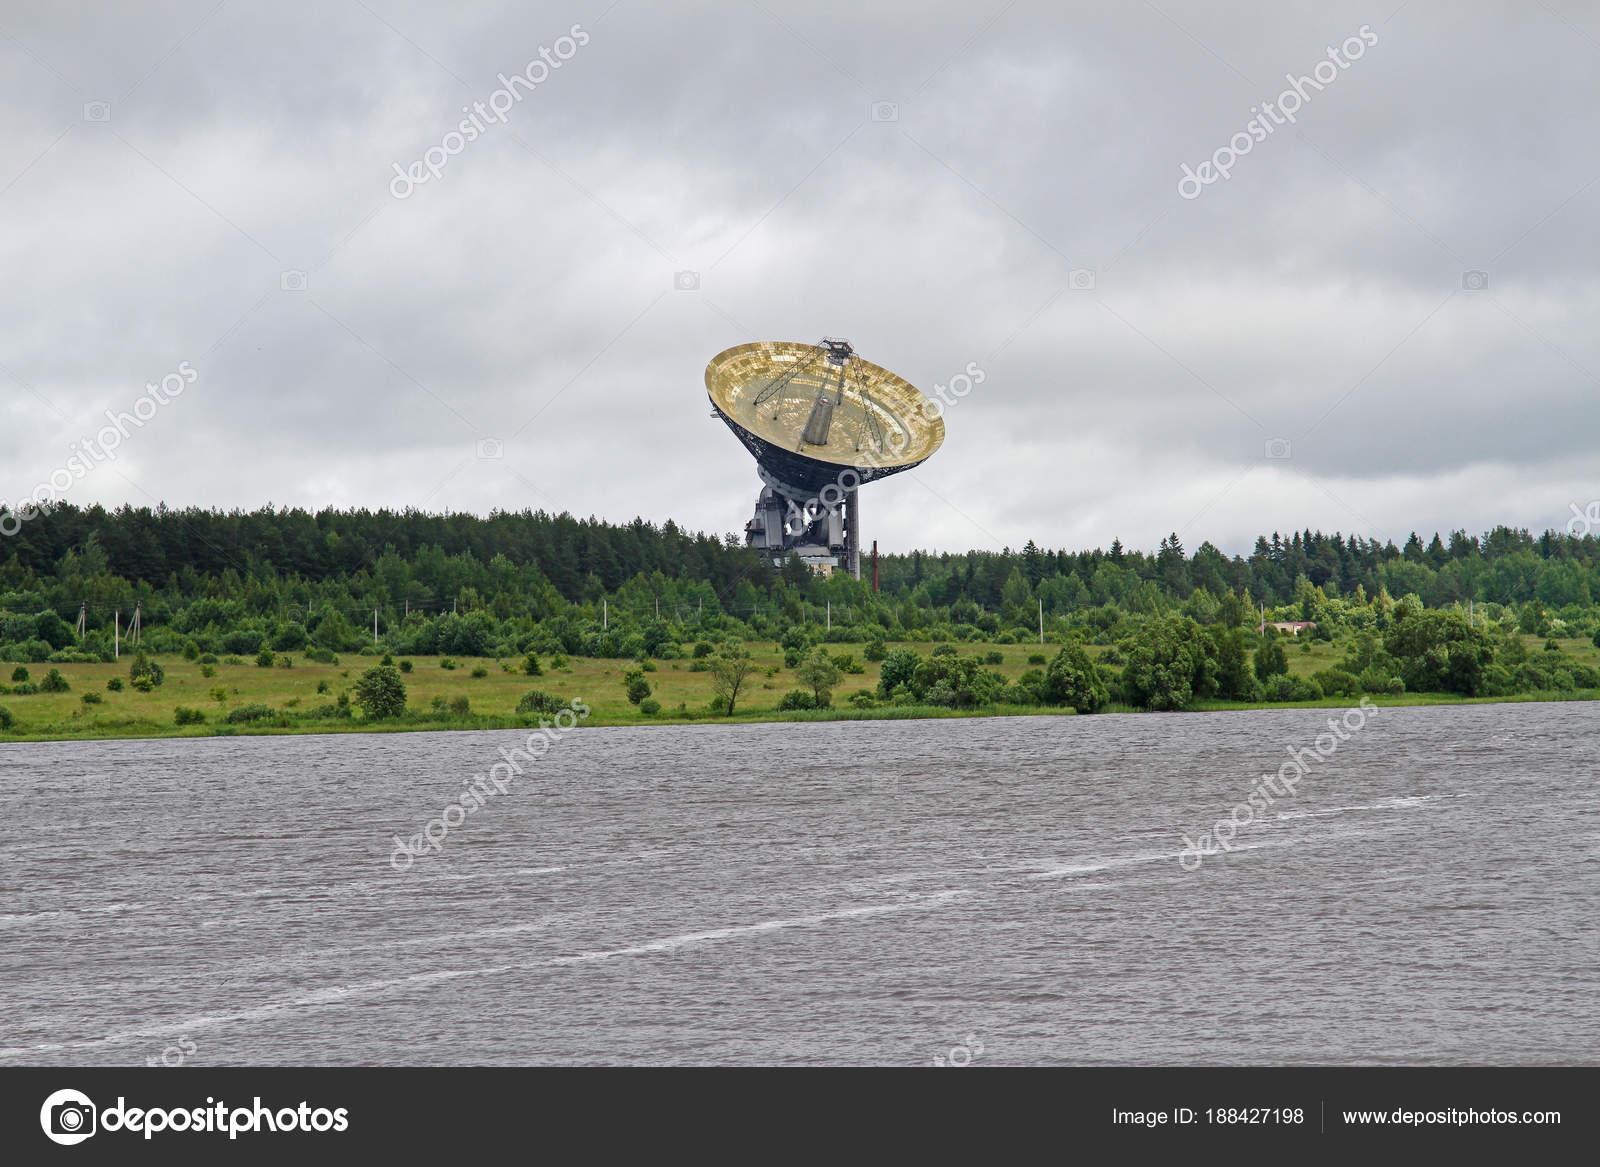 Kalyazin radyo astronomi gözlemevi radyo teleskop u stok foto